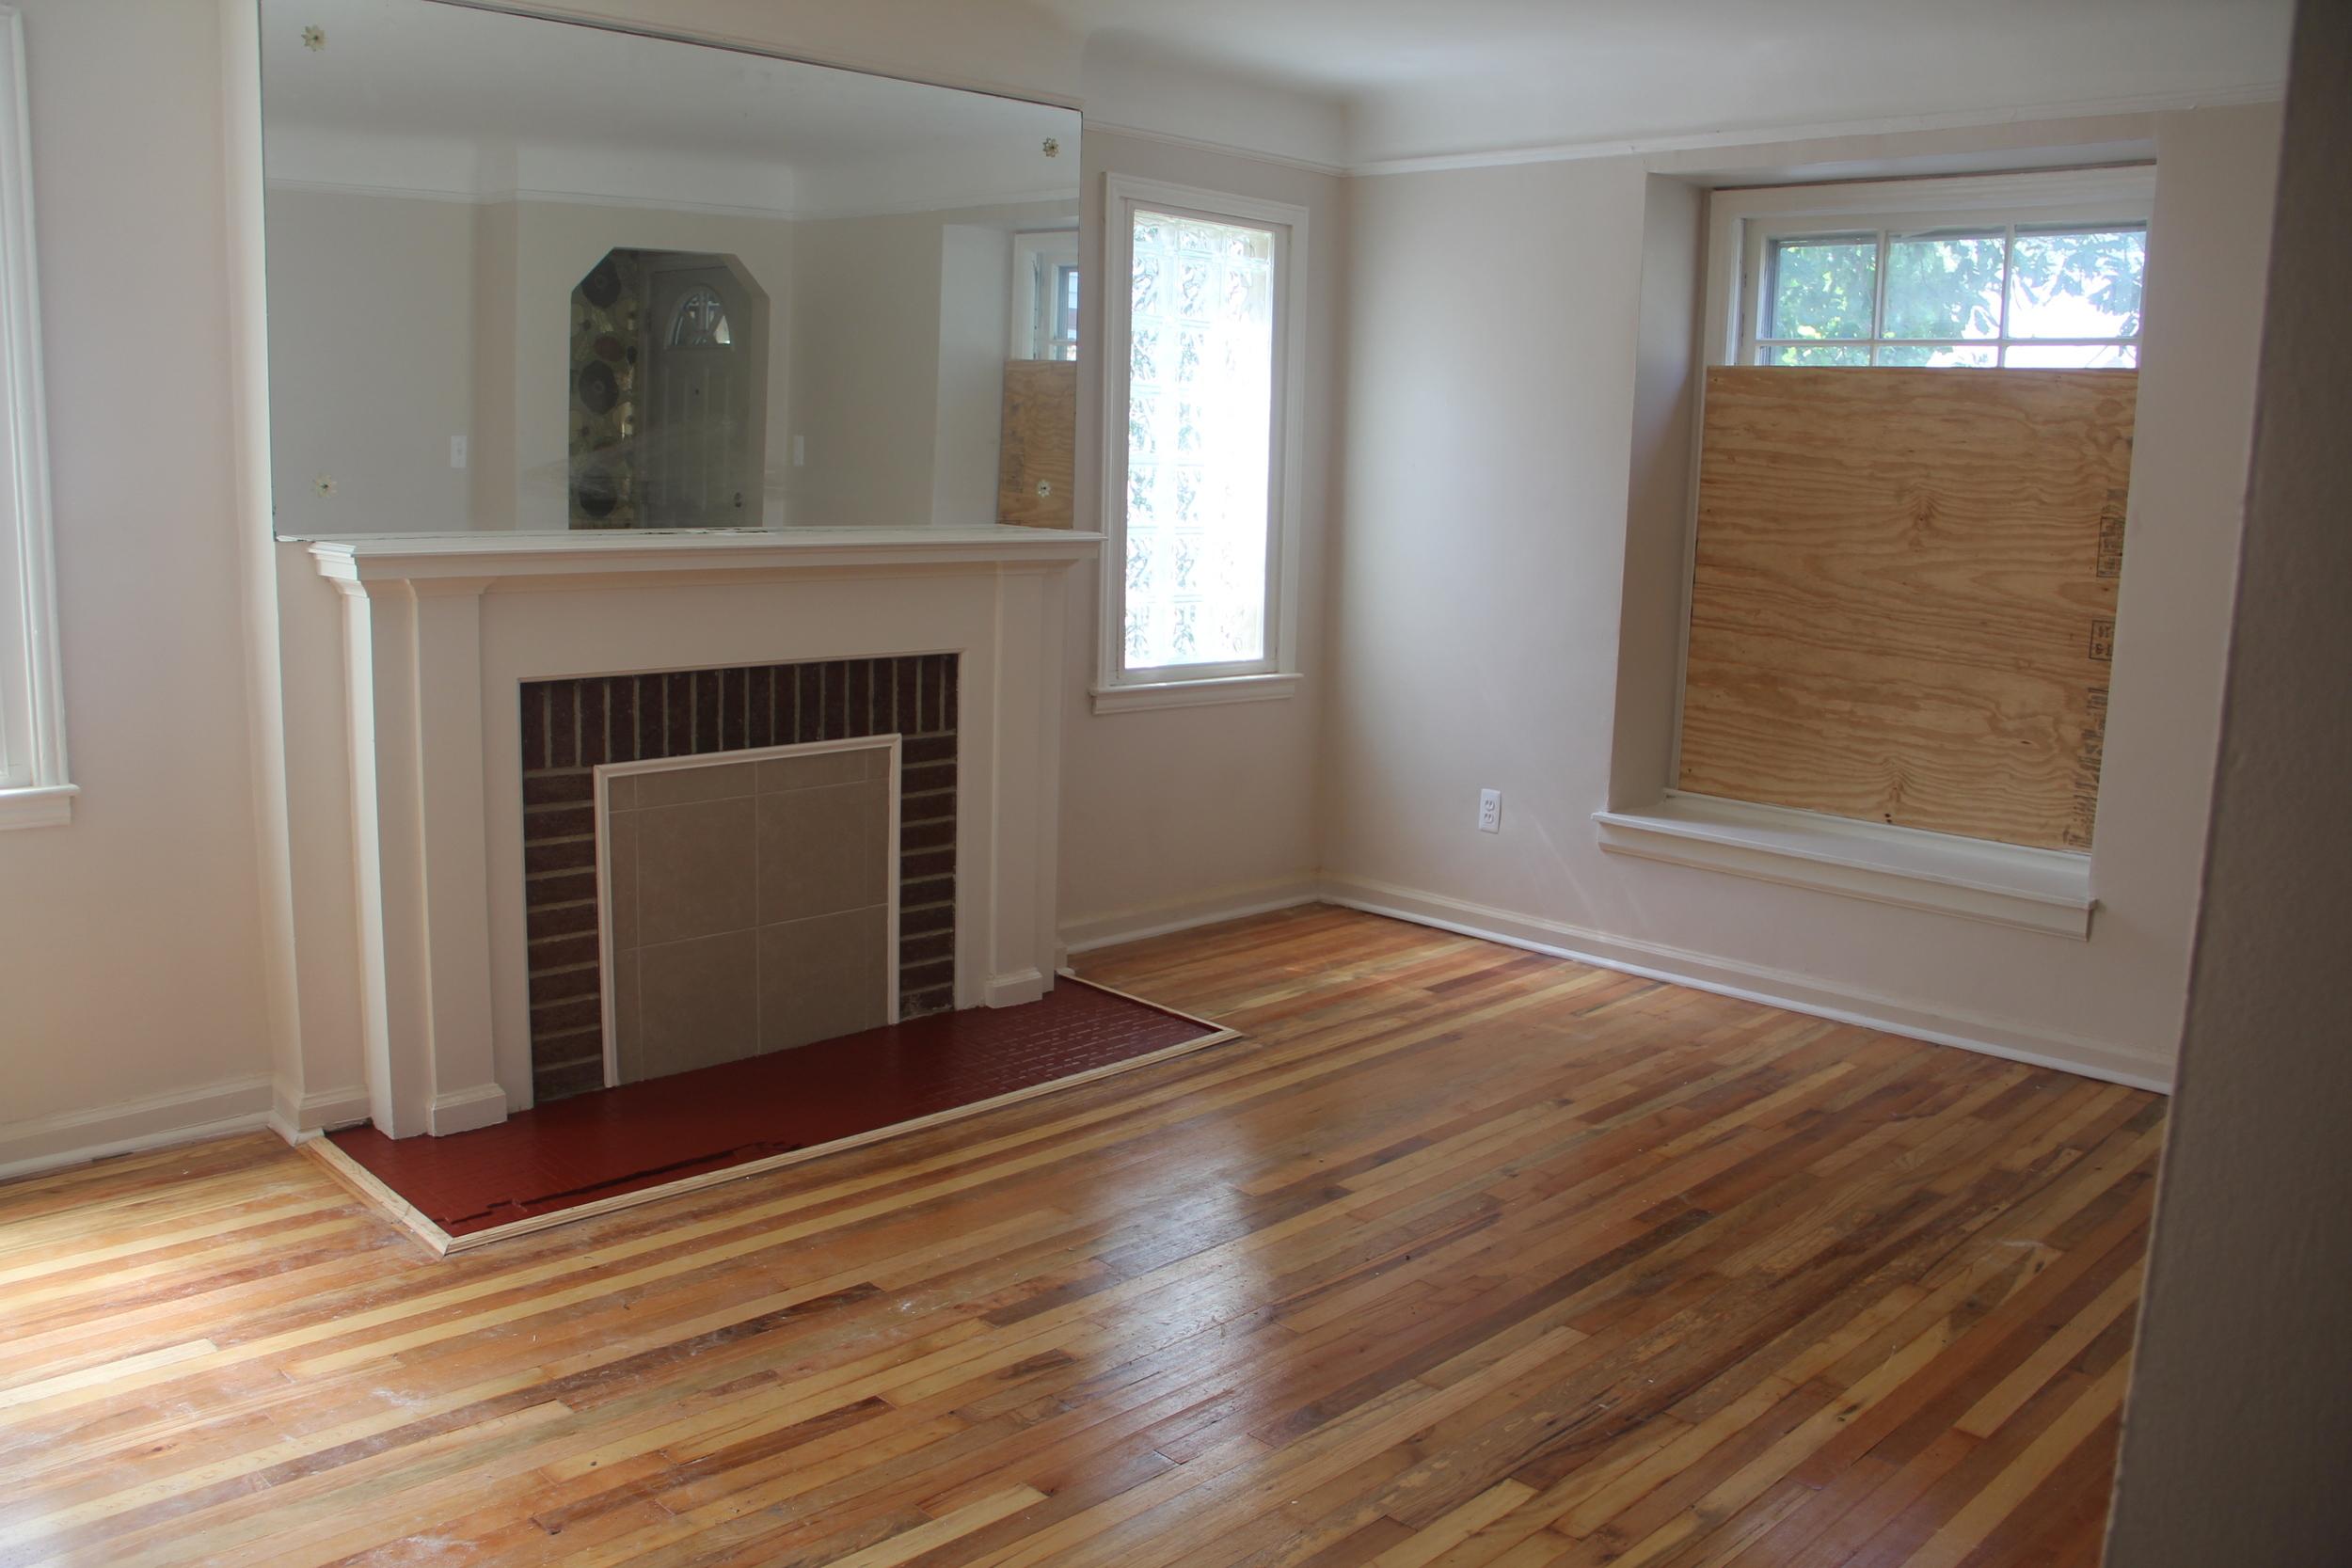 18412 Steel-Living Room (3).JPG